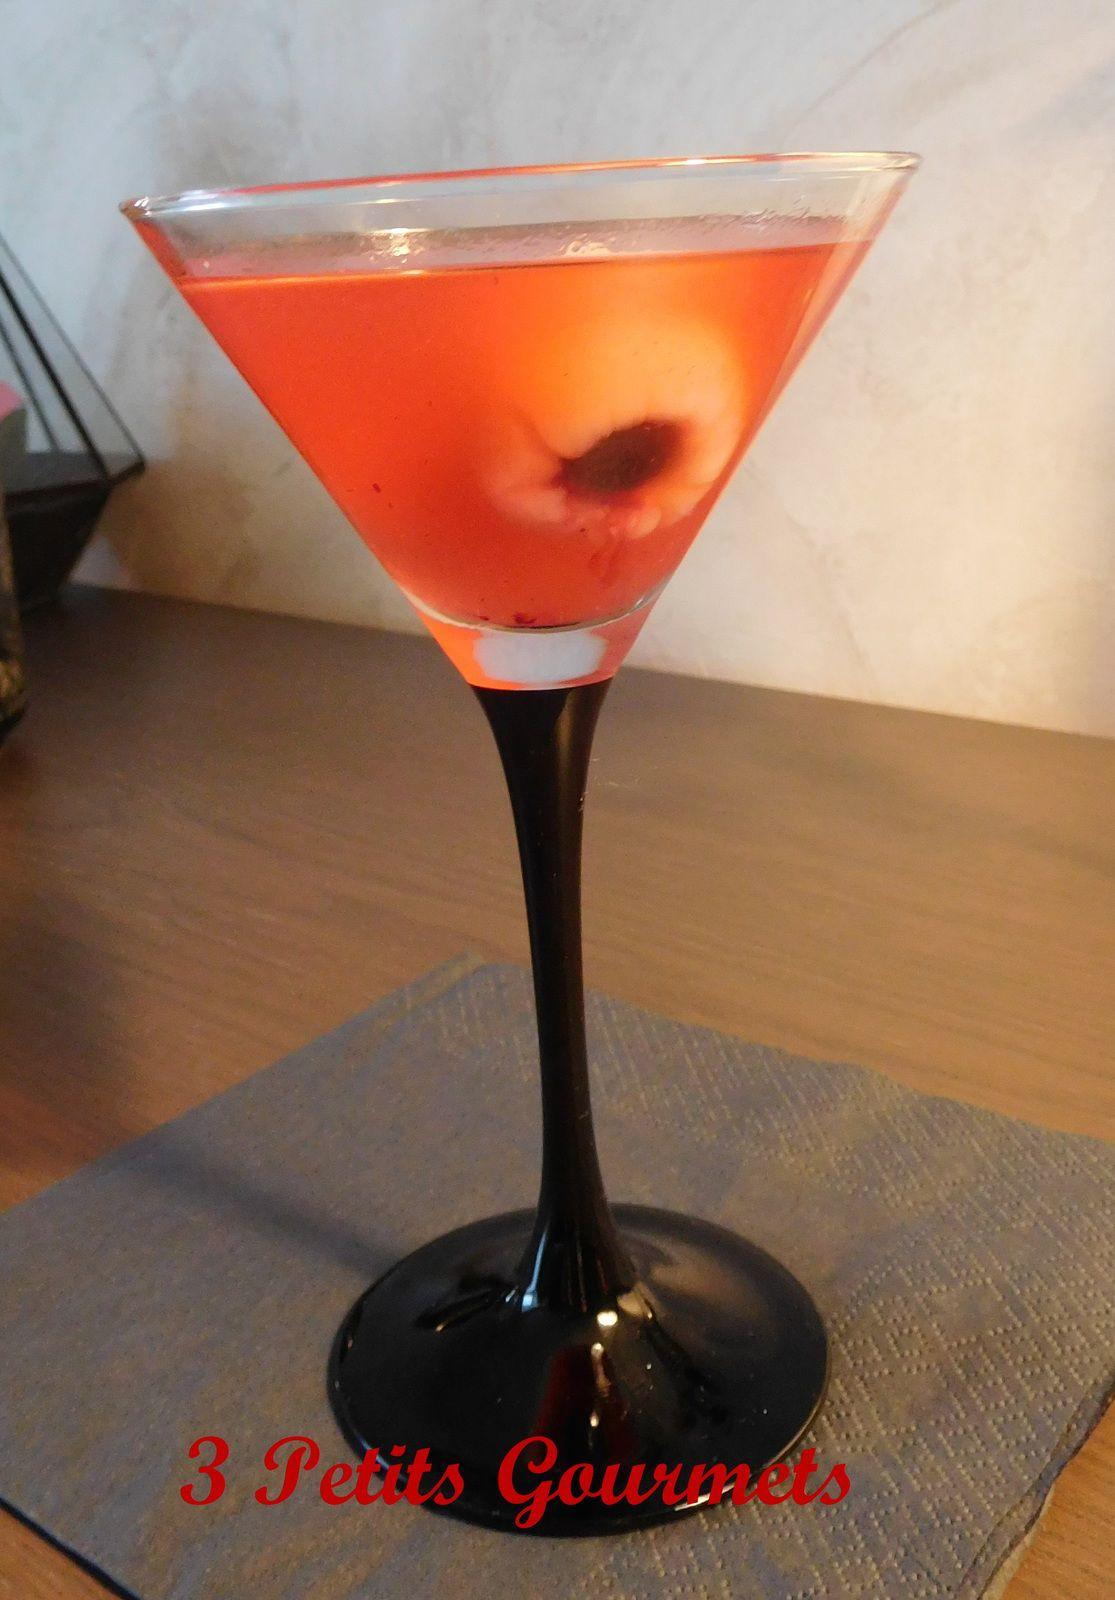 Des yeux dans un bain de sang ? Des litchis dans un martini-framboise ?